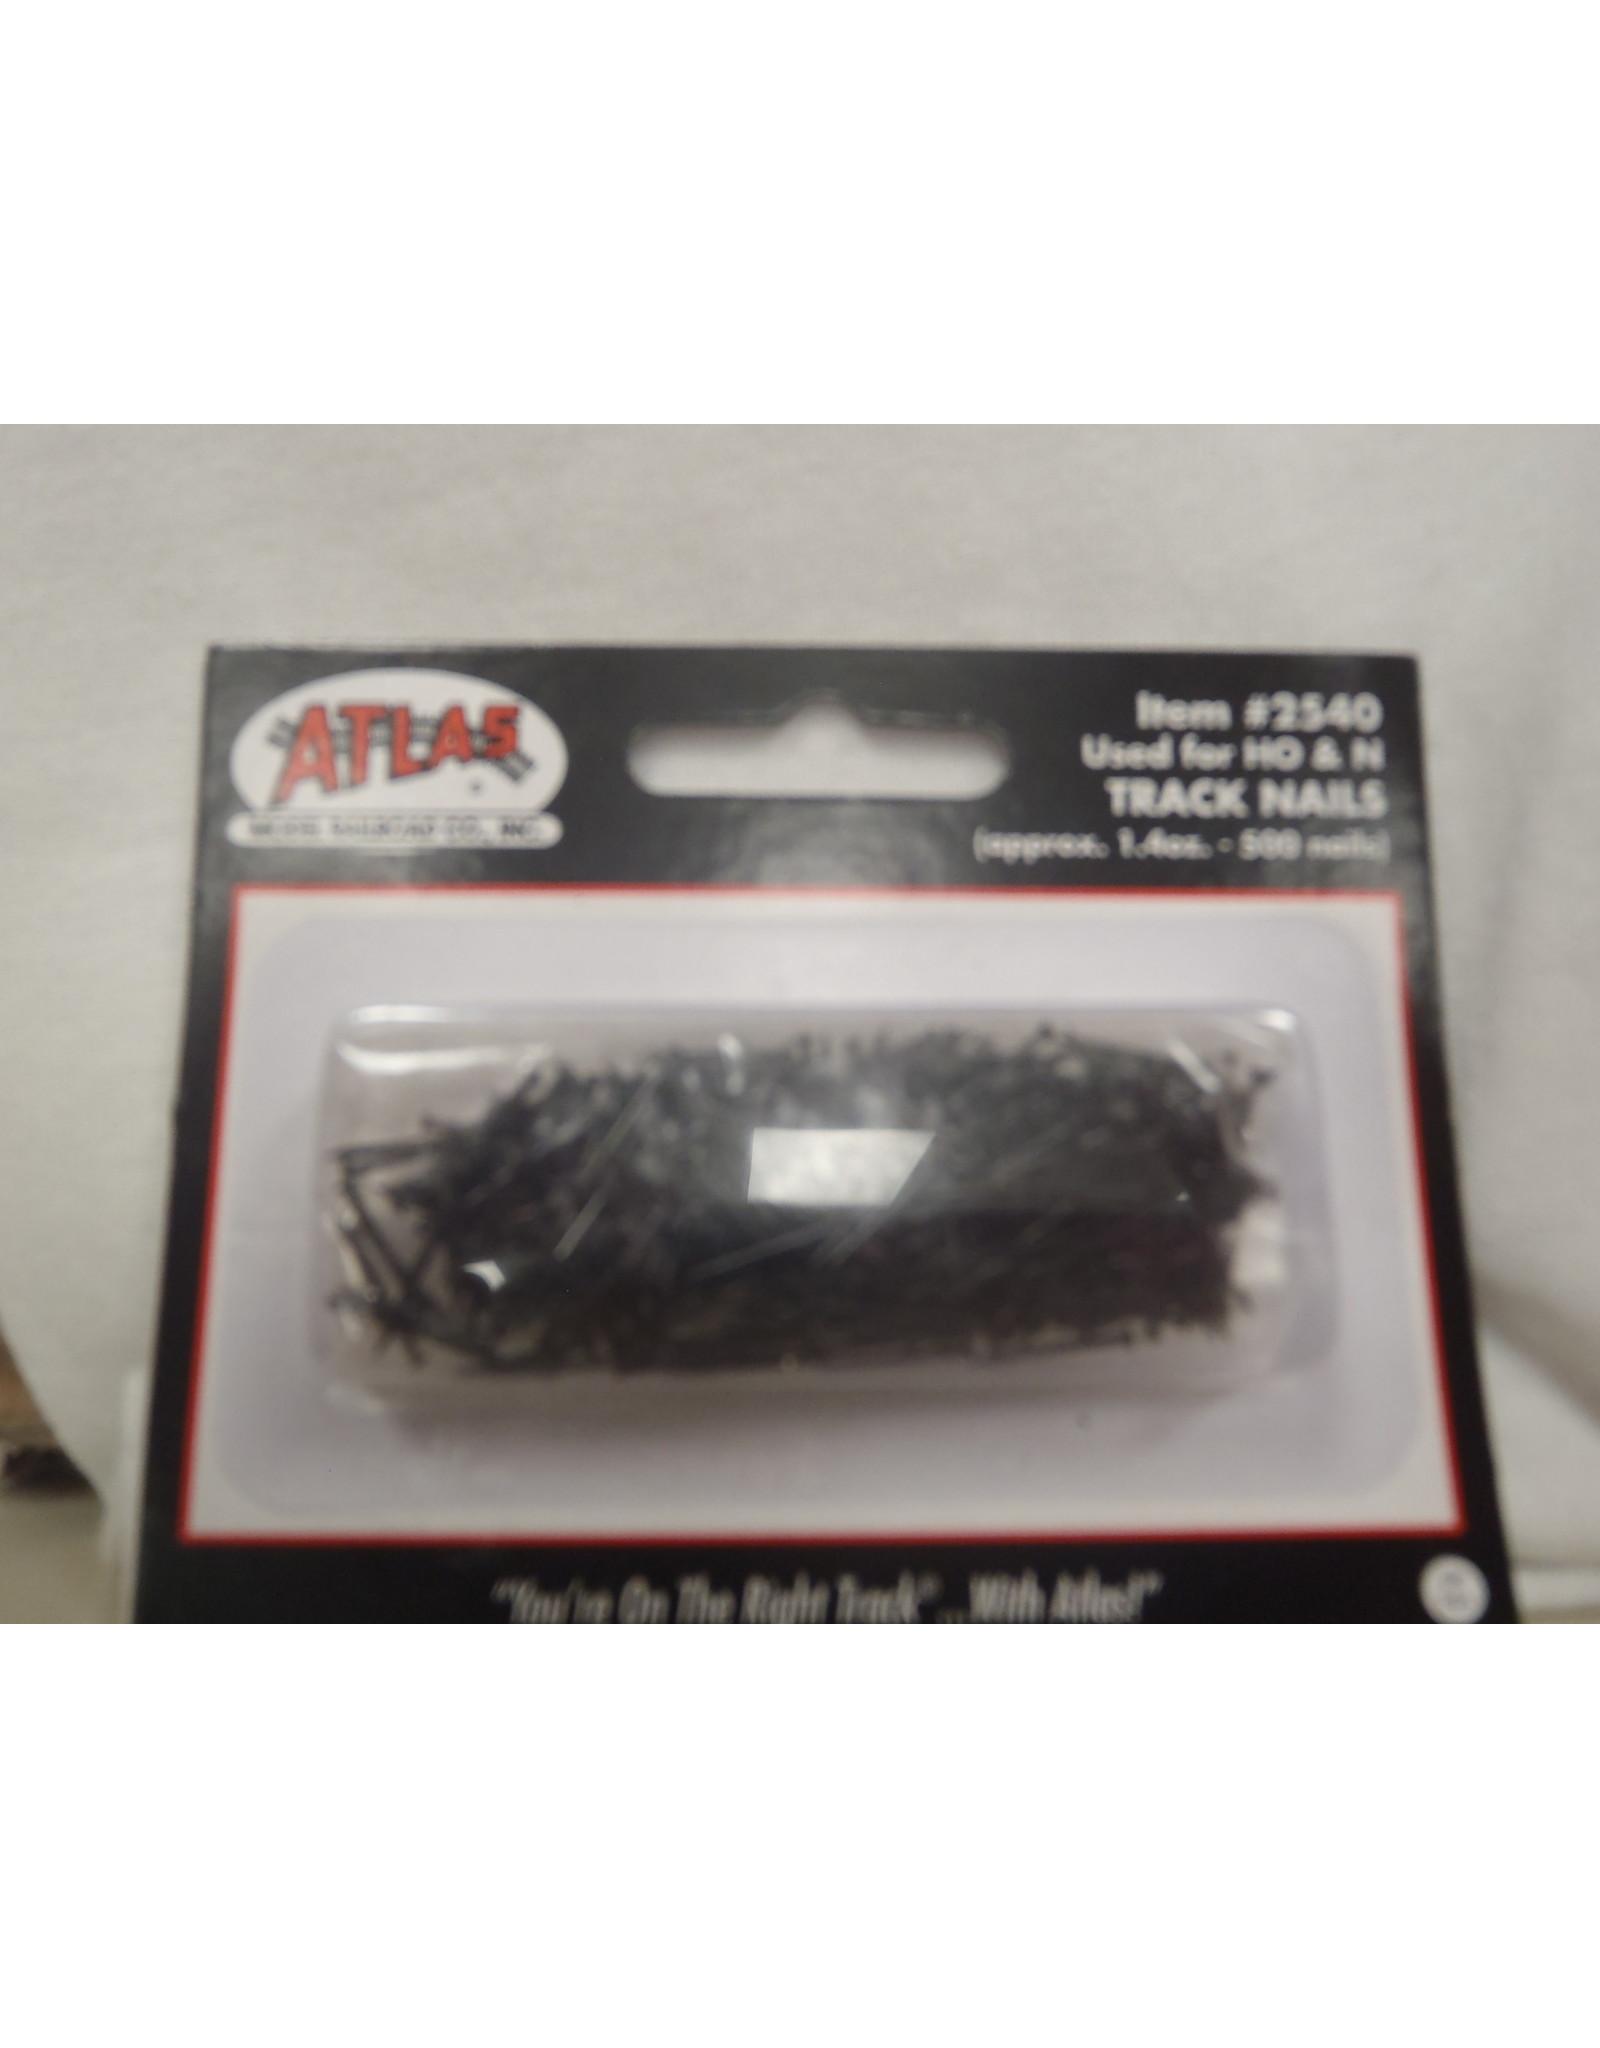 Atlas Atlas Track Nails